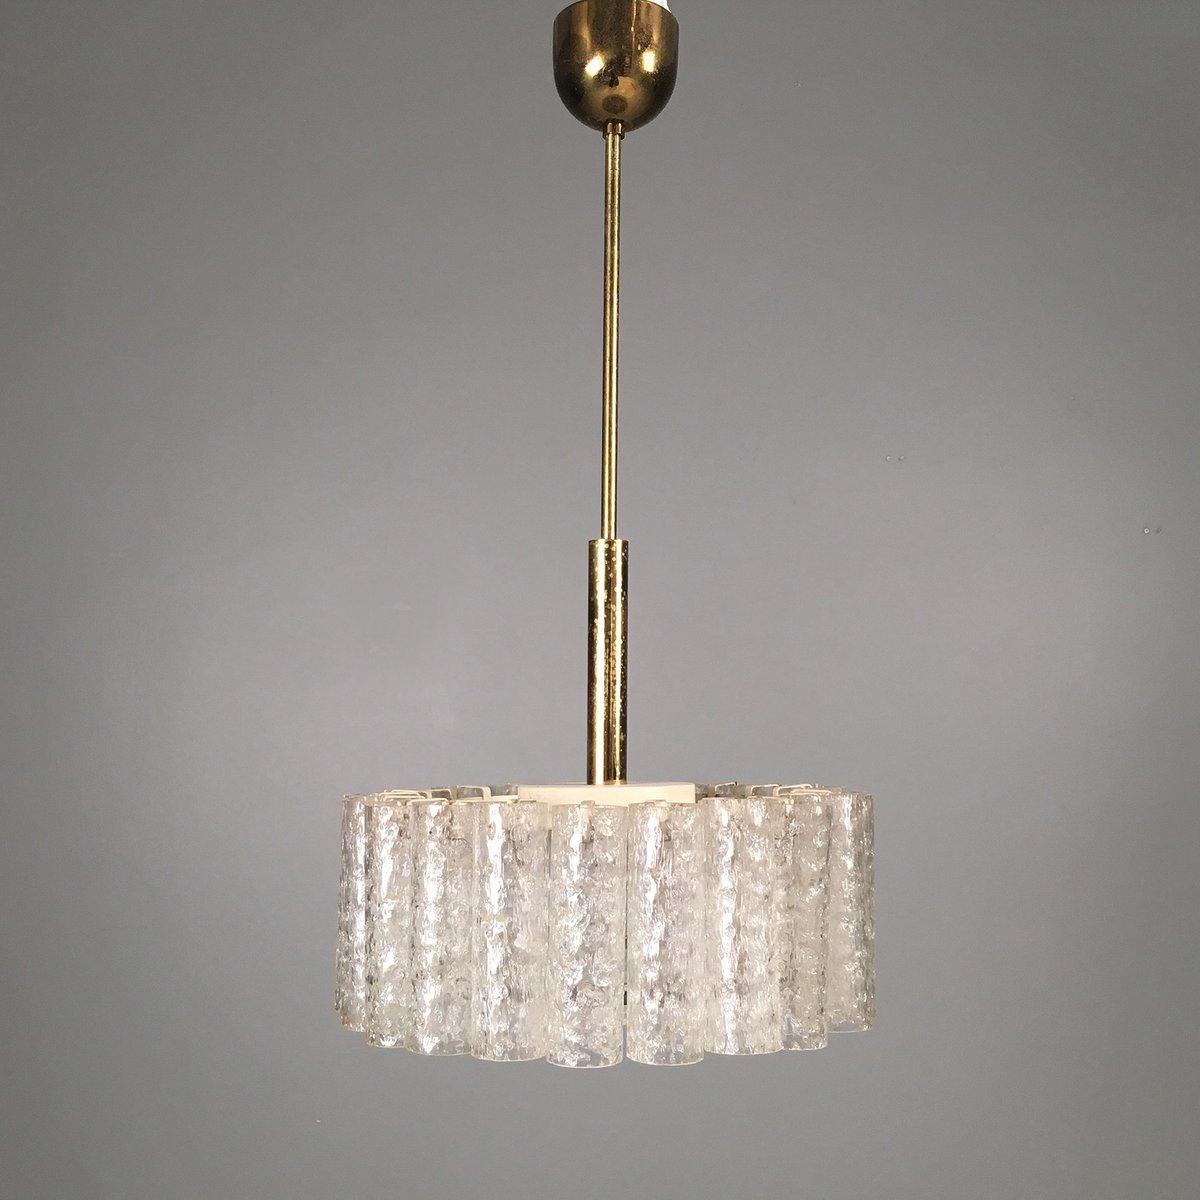 Mid-Century Deckenlampe von Doria